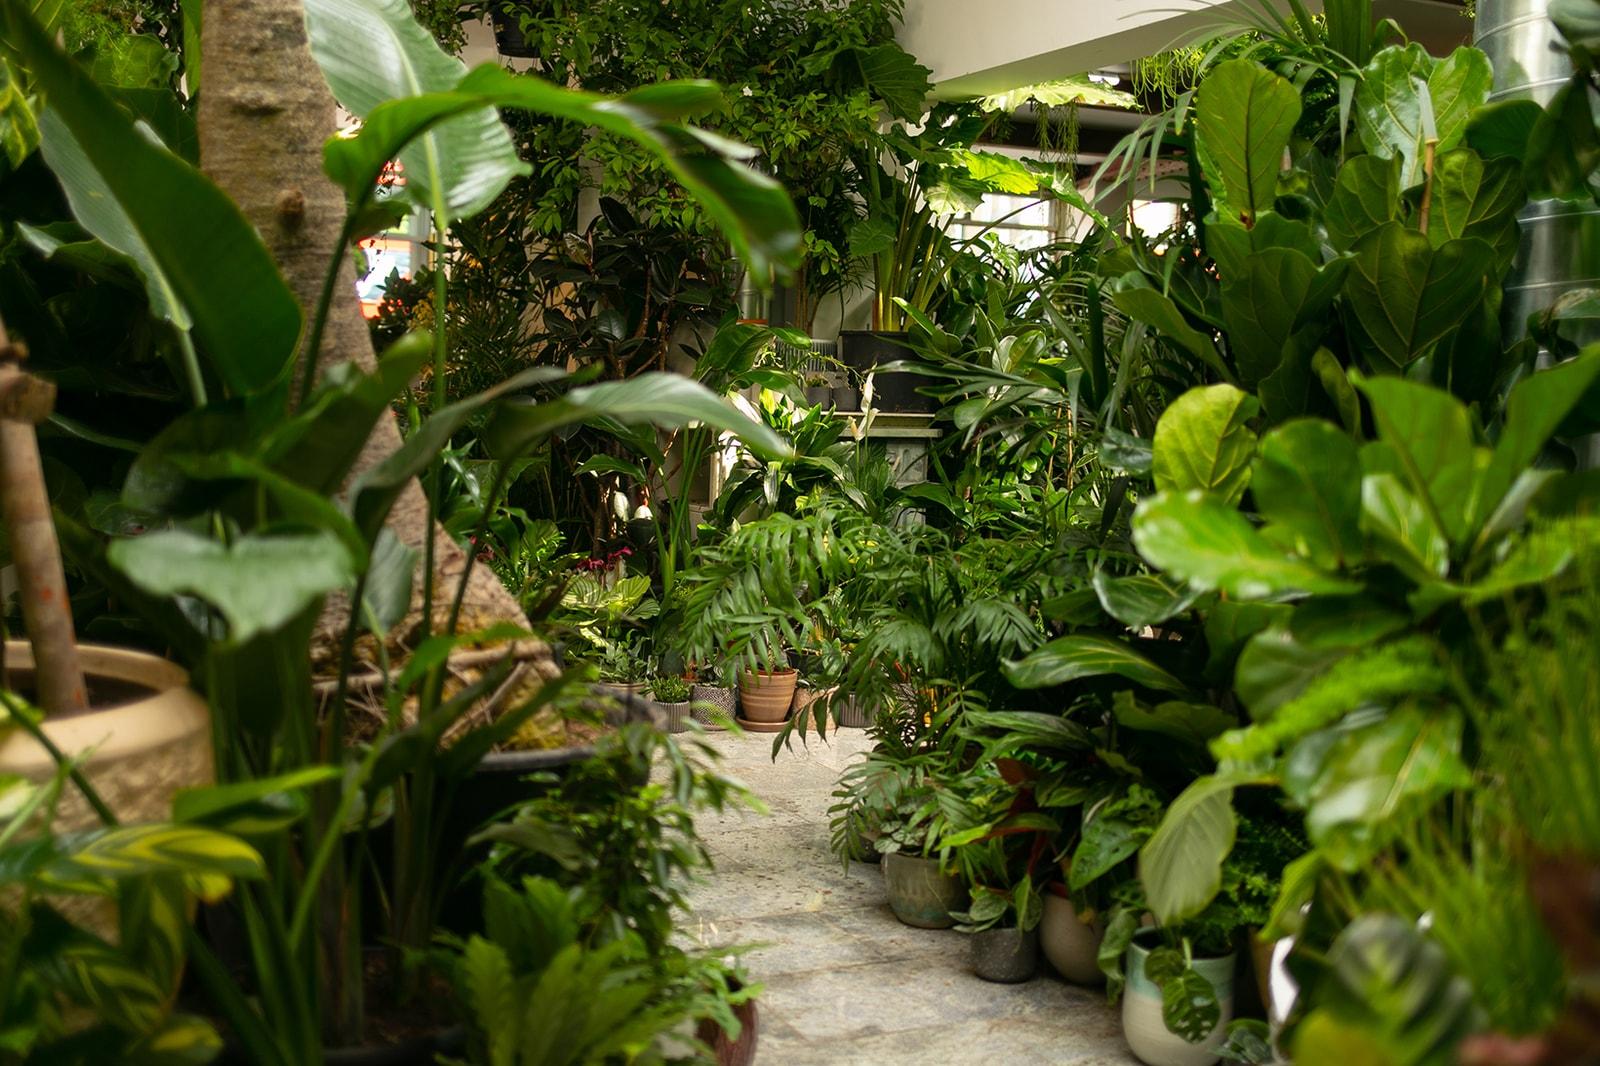 从块根、竹芋到龟背竹,潮流人士与植物专家的居家植物推荐及养护指南